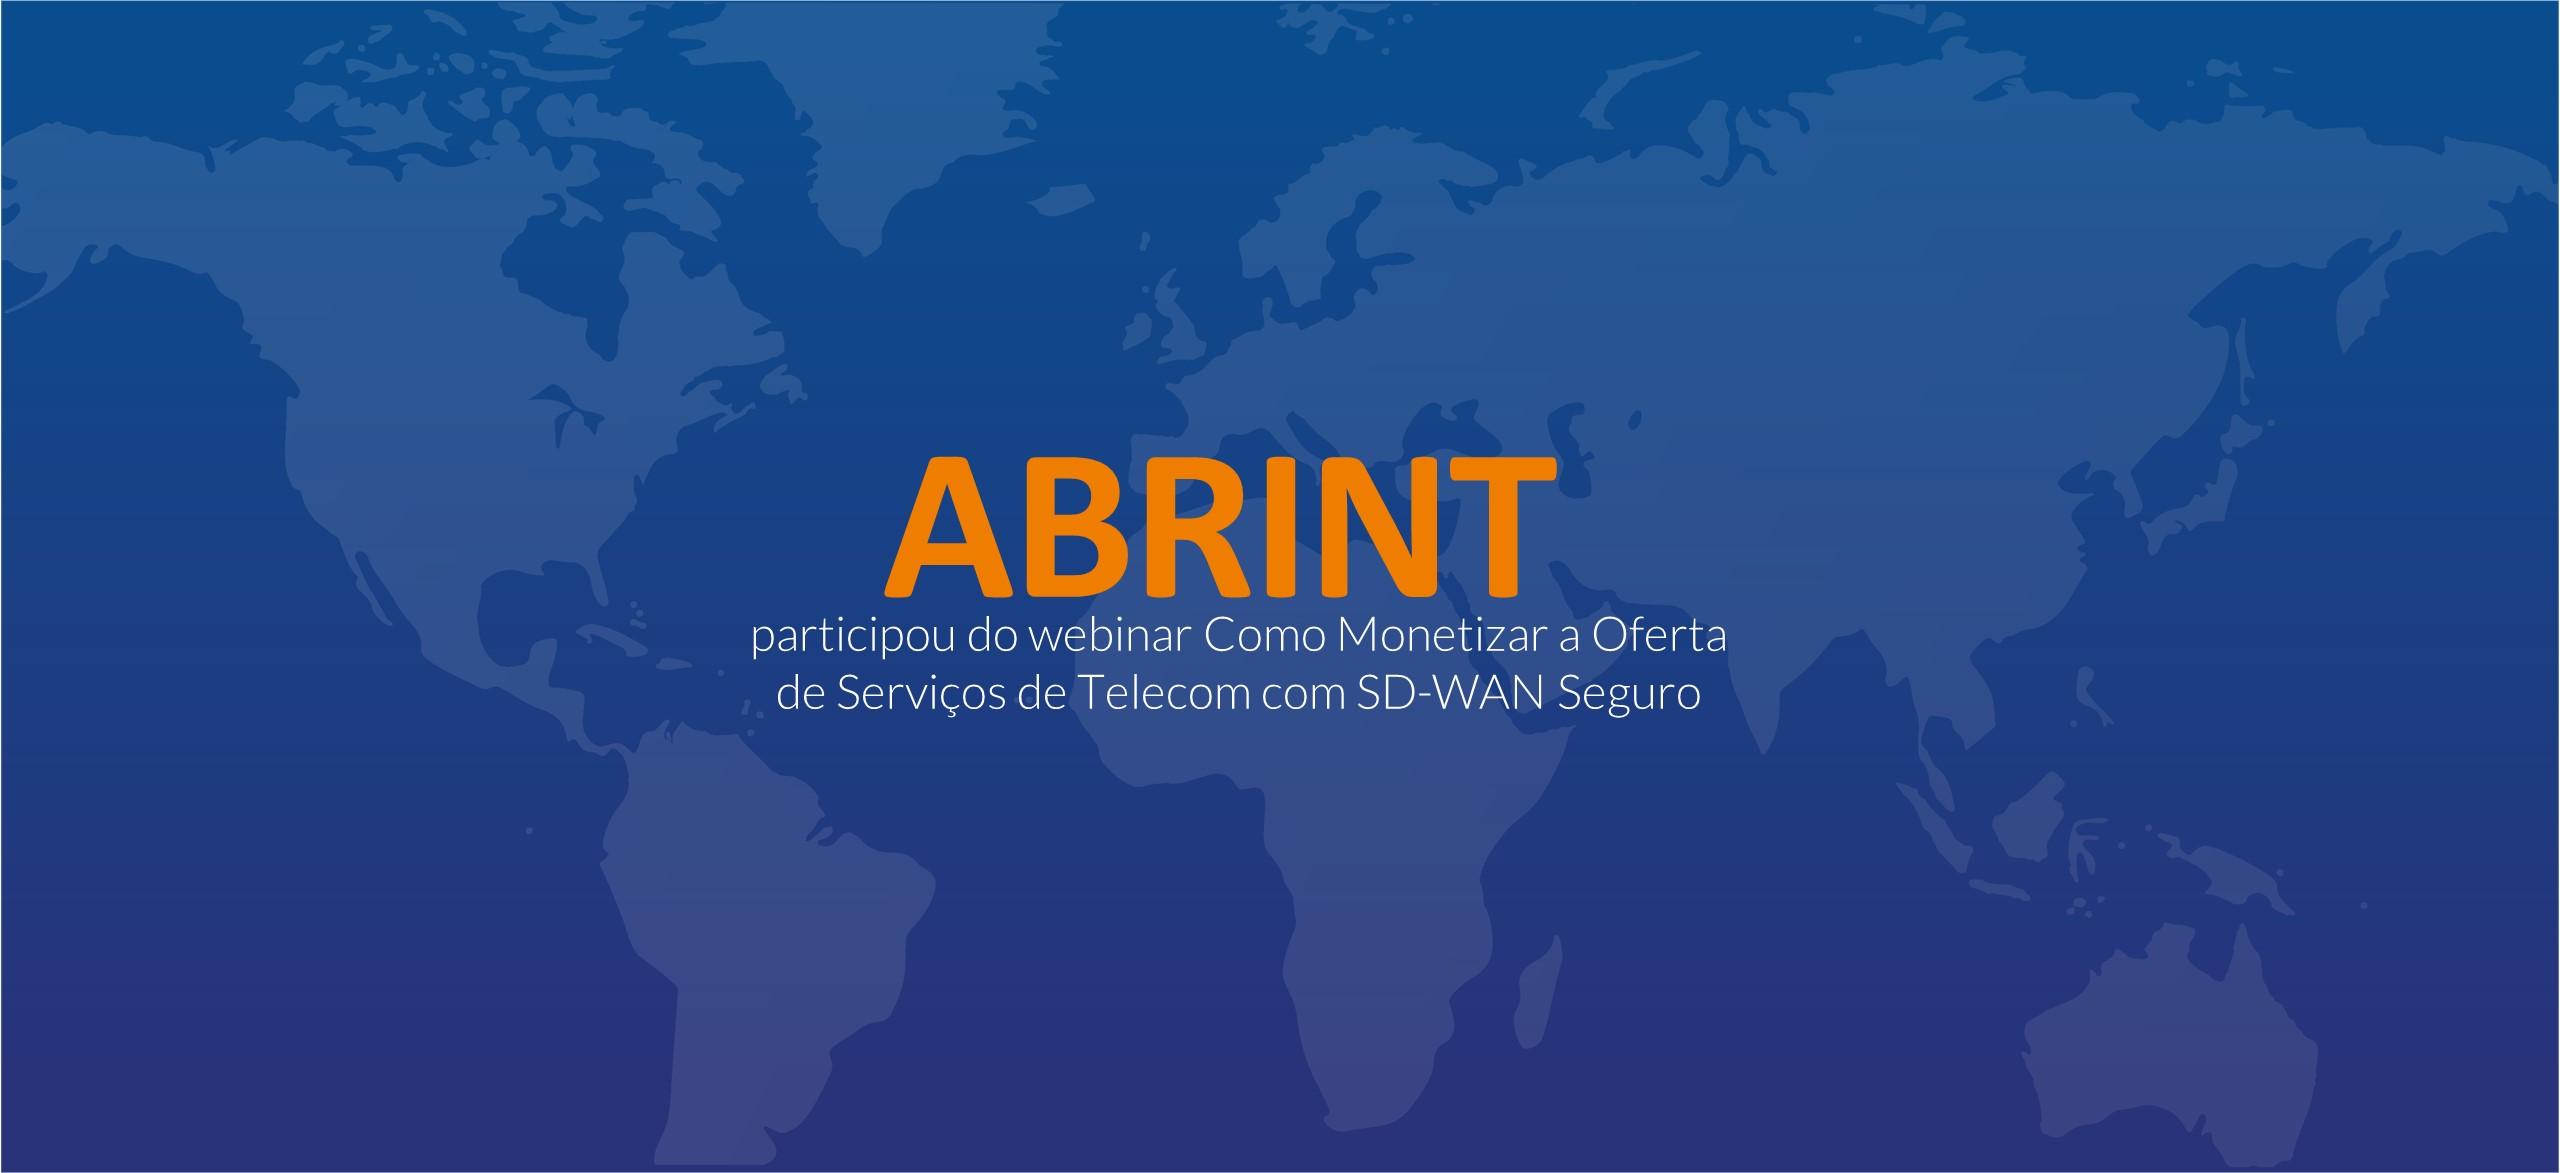 ABRINT participou do webinar Como Monetizar a Oferta de Serviços de Telecom com SD-WAN Seguro